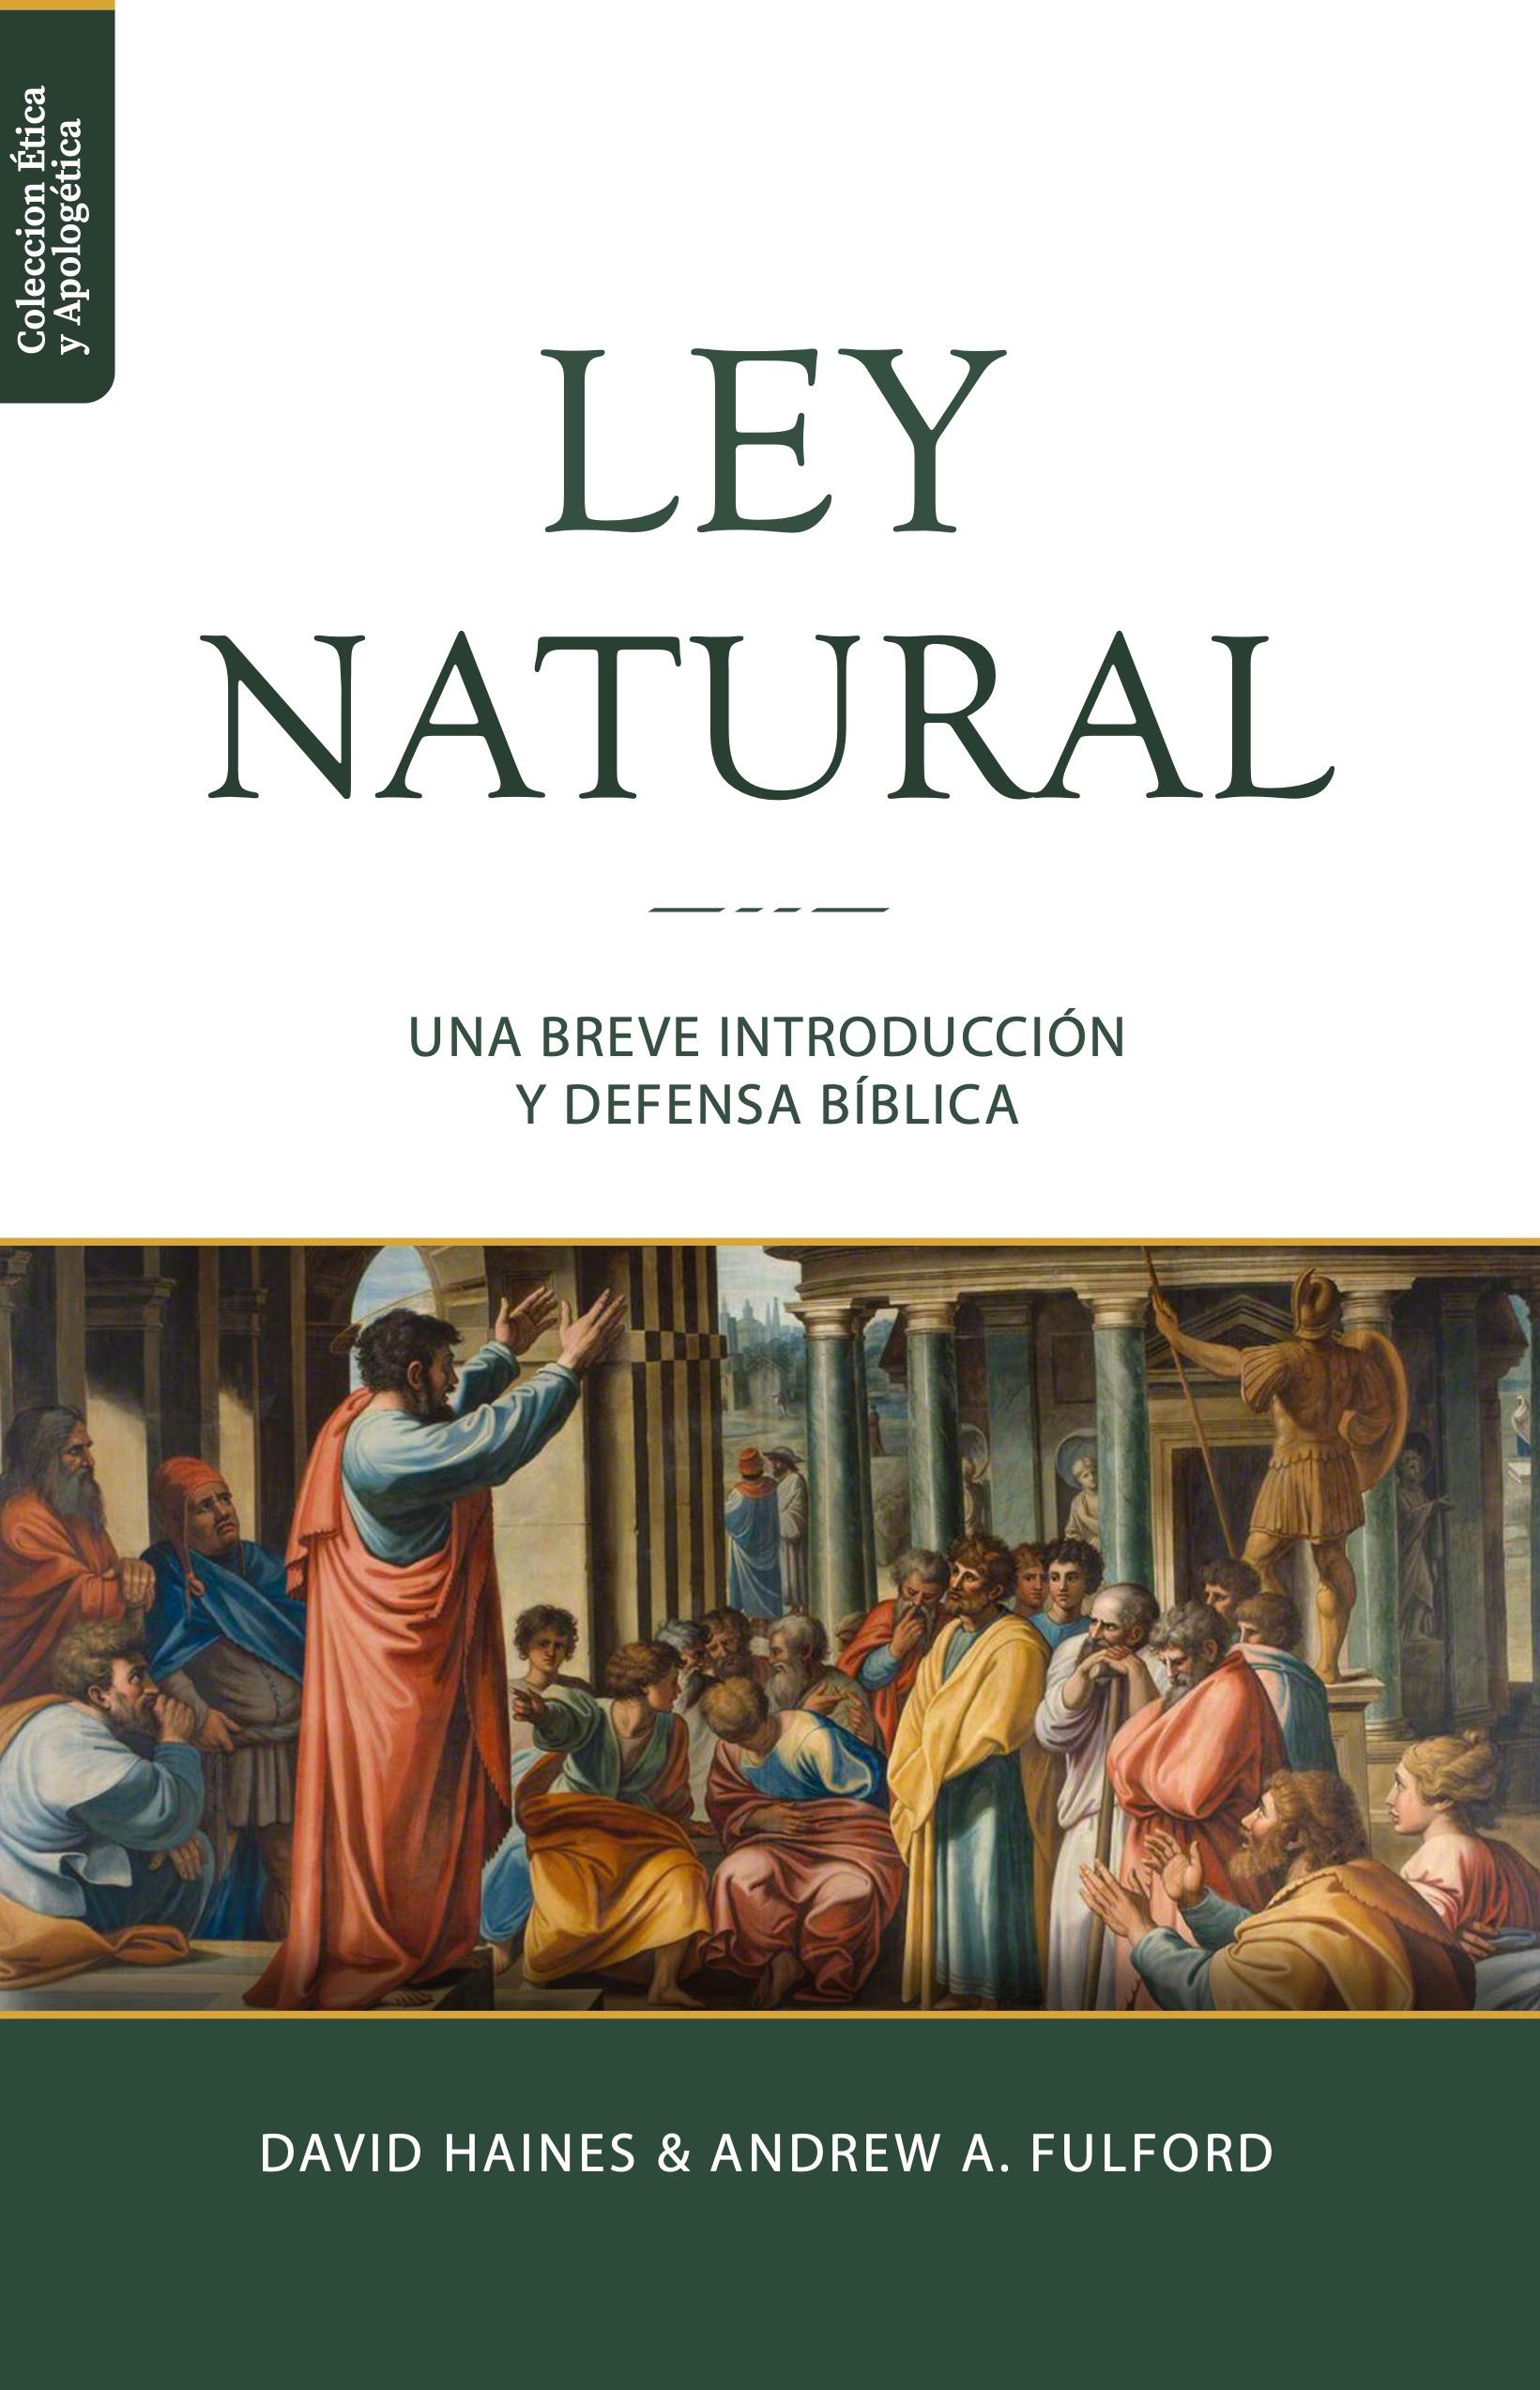 La ley natural  (Nuevo)